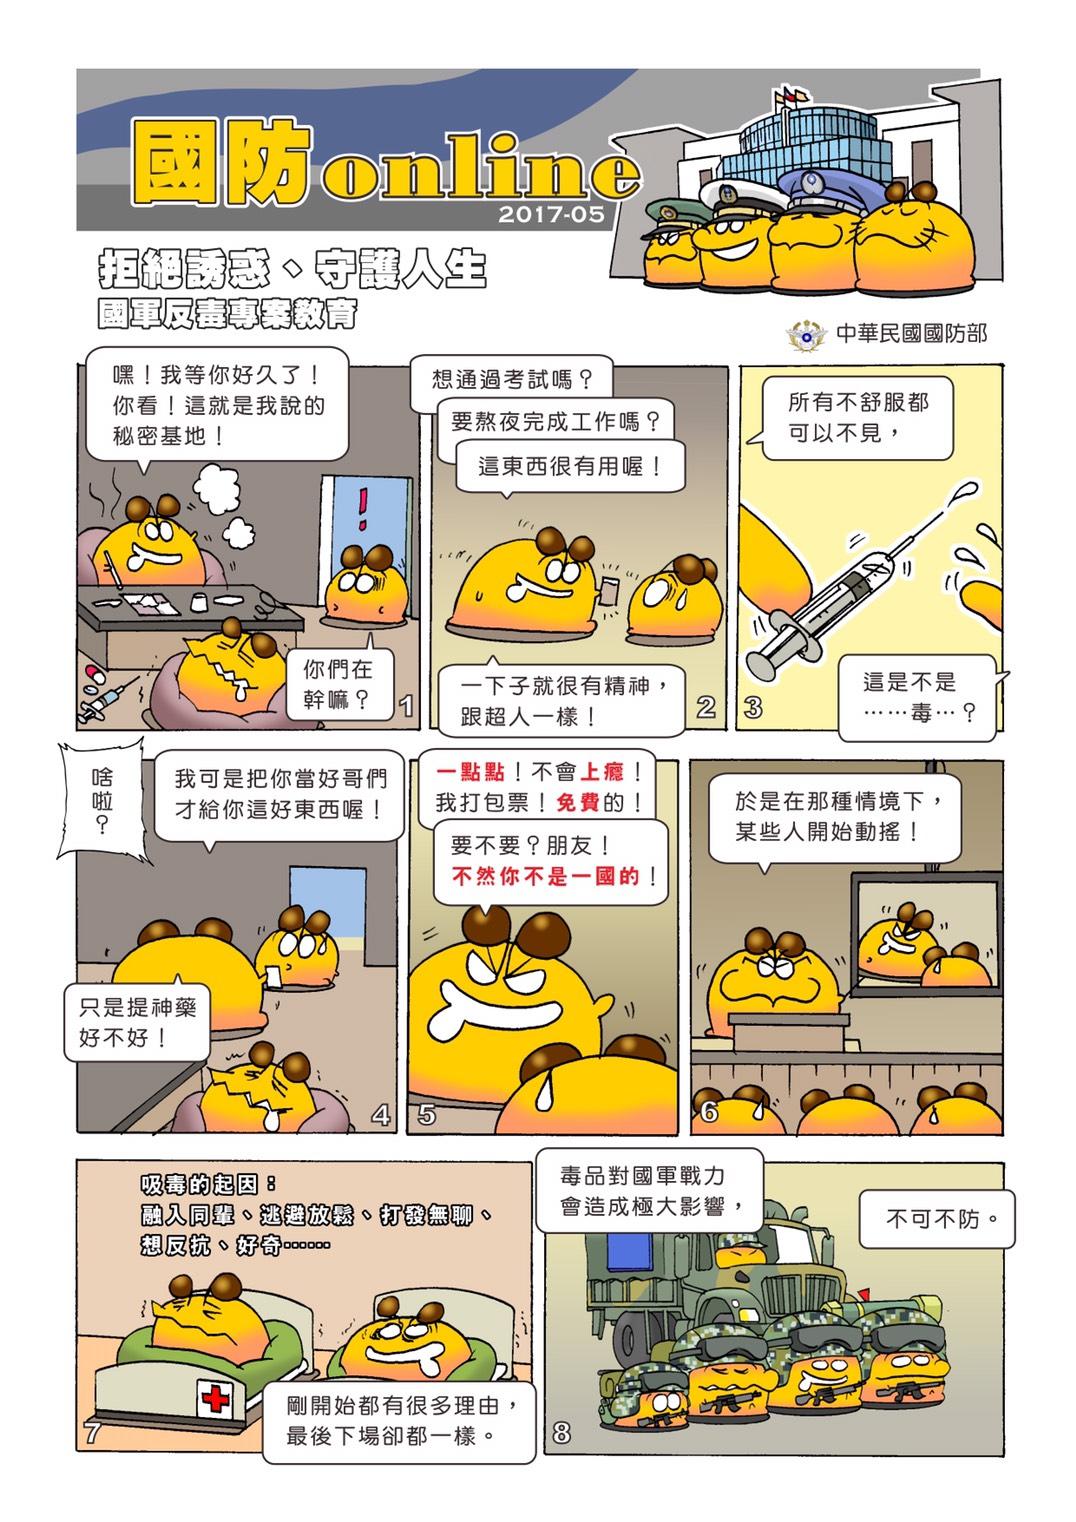 國防Online漫畫05期01_拒絕誘惑,守護人生01.jpg